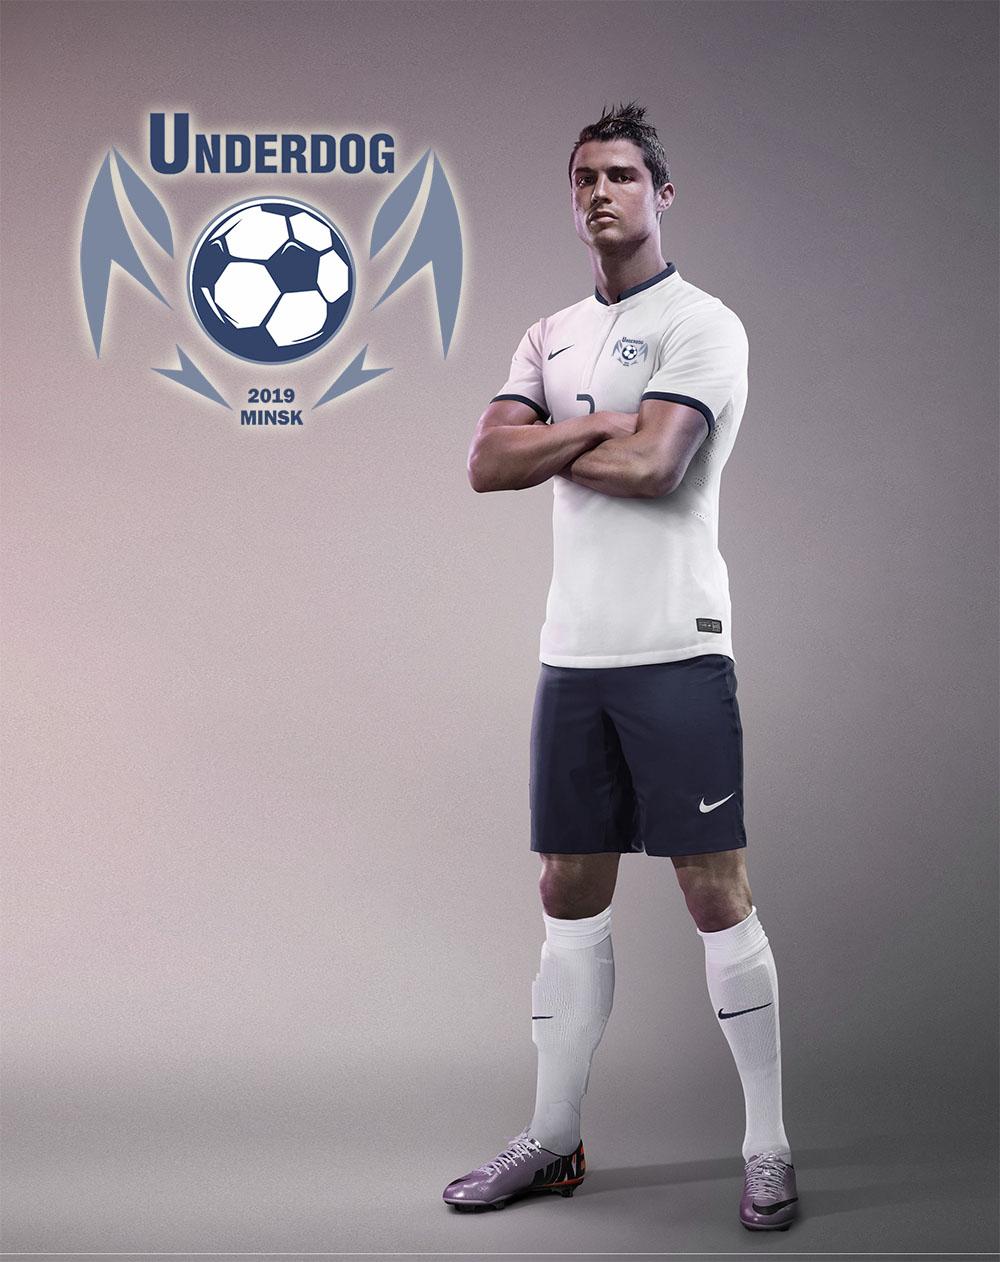 Футбольный клуб UNDERDOG - разработать фирстиль и бренд-бук фото f_9455cb0ac8eb2e50.jpg